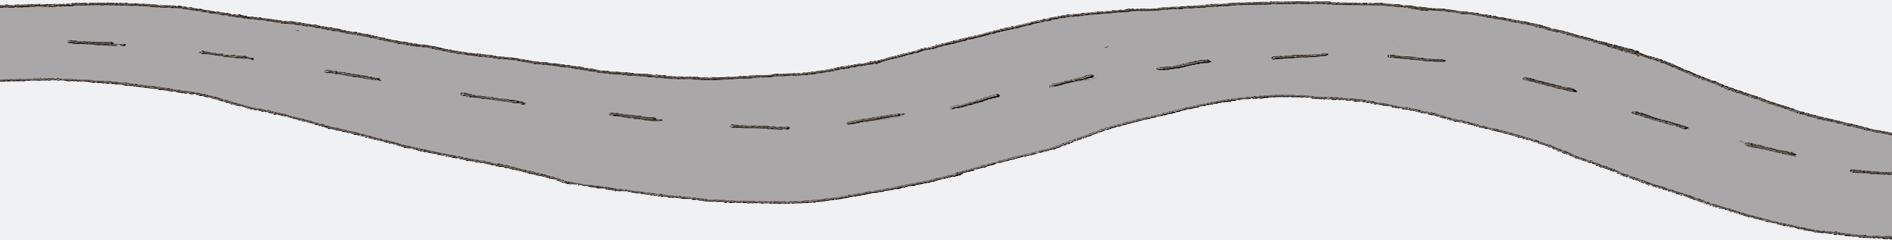 road3 copy